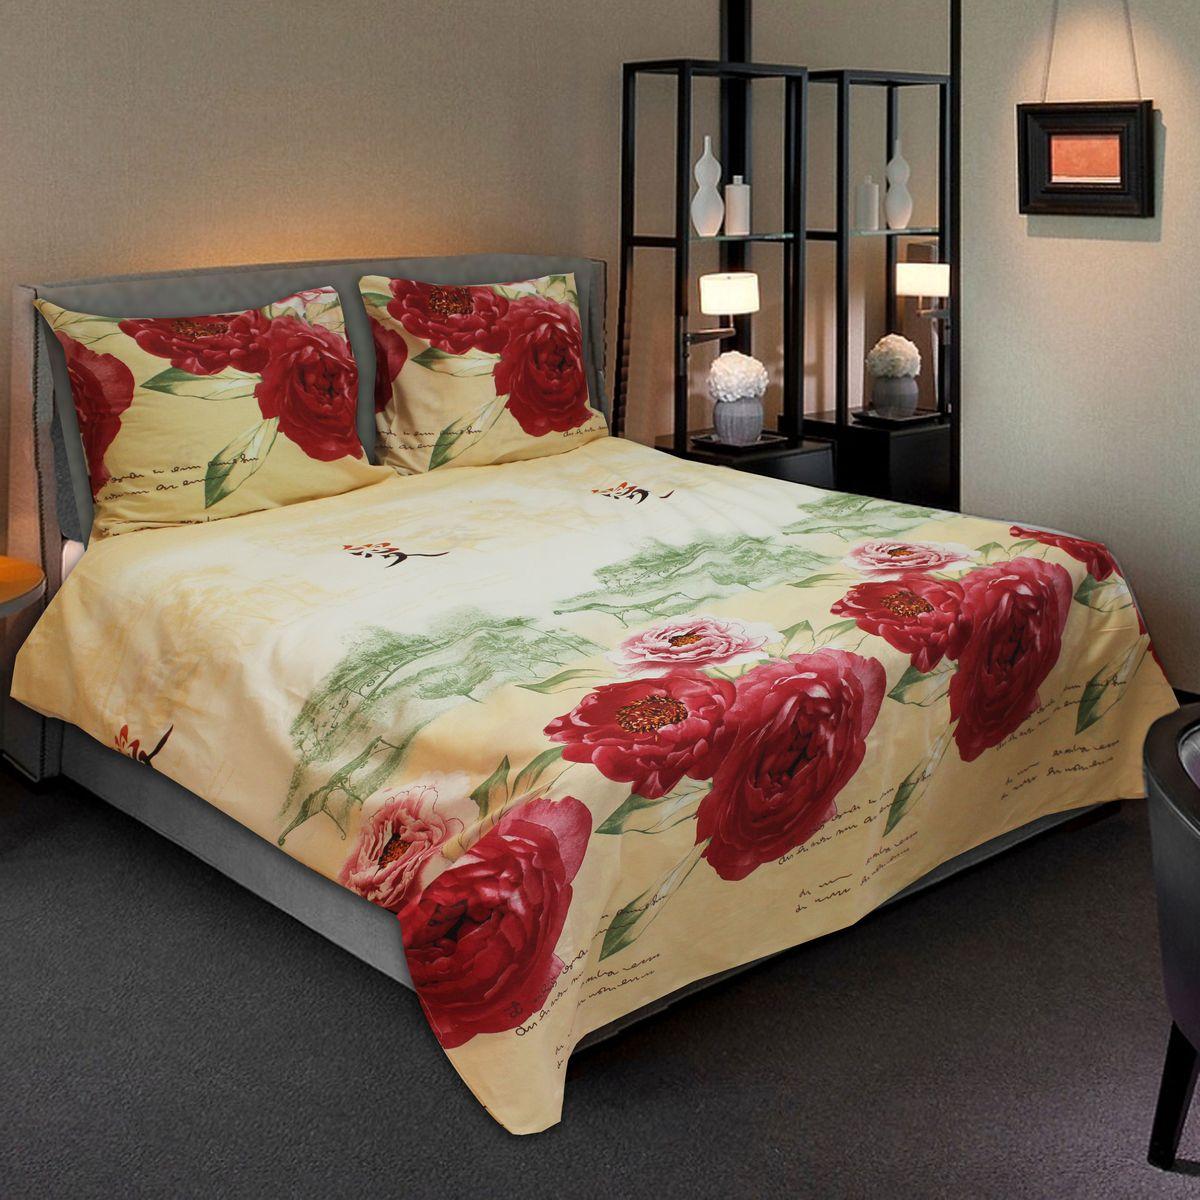 Комплект белья Amore Mio Mademoiselle, 1,5-спальный, наволочки 70х70391602Комплект постельного белья Amore Mio является экологически безопасным для всей семьи, так как выполнен из бязи (100% хлопок). Комплект состоит из двух пододеяльников, простыни и двух наволочек. Постельное белье оформлено оригинальным рисунком и имеет изысканный внешний вид.Легкая, плотная, мягкая ткань отлично стирается, гладится, быстро сохнет. Рекомендации по уходу: Химчистка и отбеливание запрещены.Рекомендуется стирка в прохладной воде при температуре не выше 30°С.